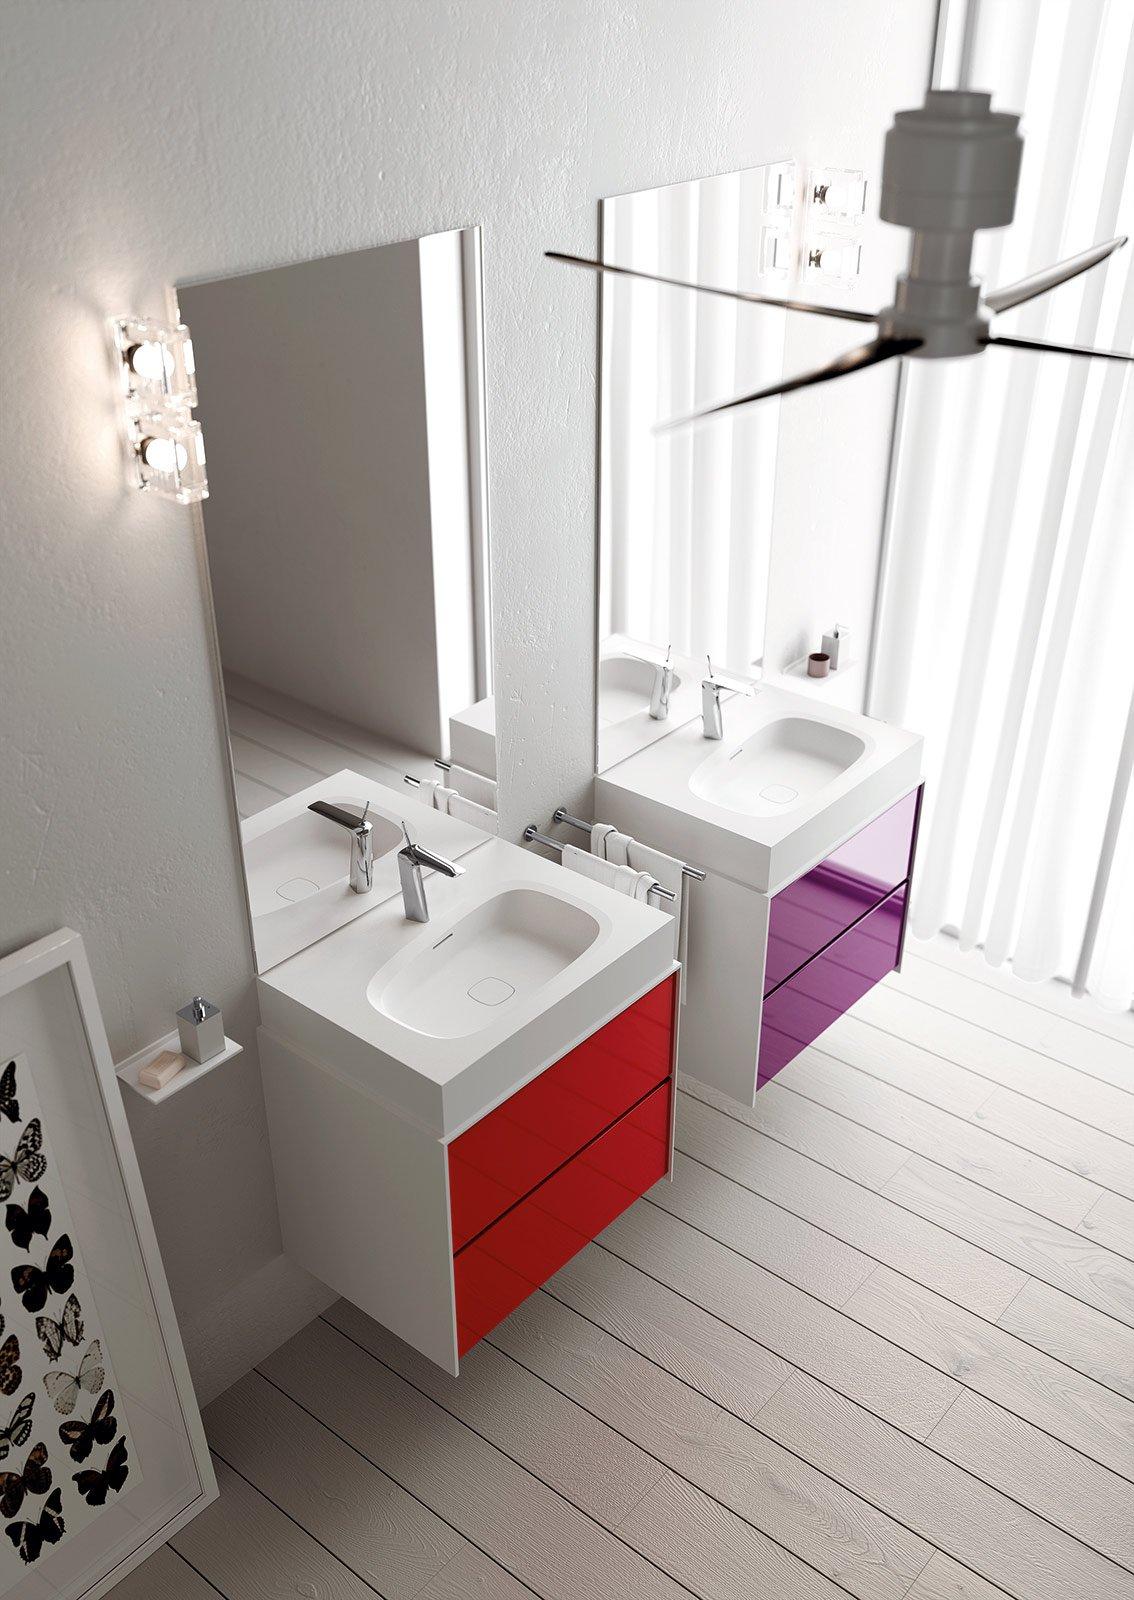 Lavabo mobile cose di casa for Mobile lavabo bagno piccolo